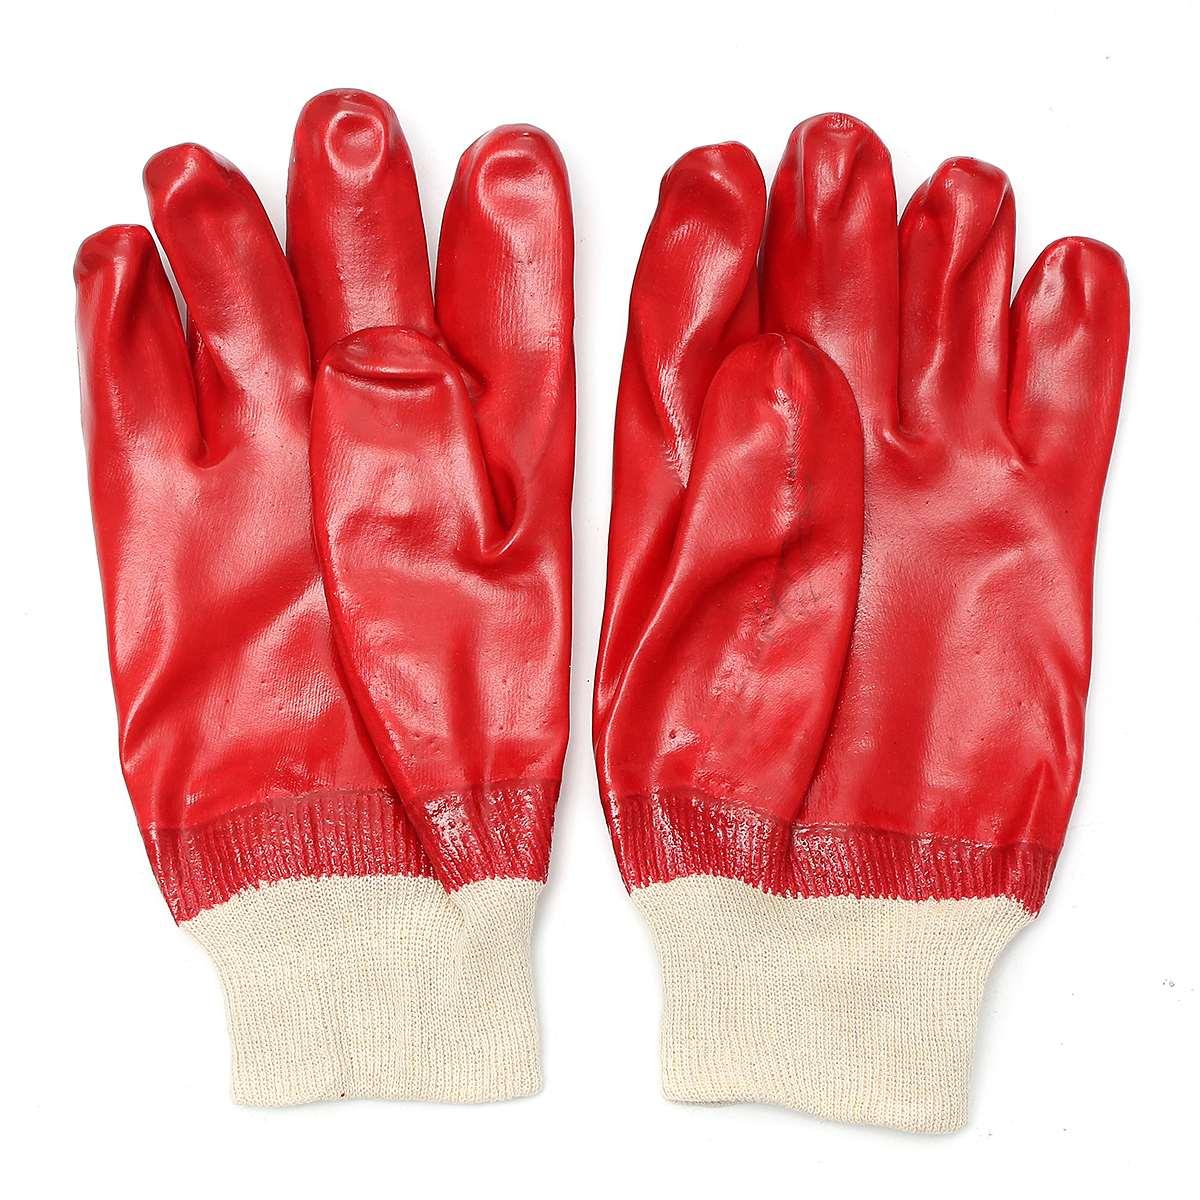 Safurance 12 Pairs Rękawice Dziane Wrist Czerwony Chemiczne PCV Bezpieczeństwa Anti skid Wodoodporna Pracy Bezpieczeństwo Ochrona Rąk